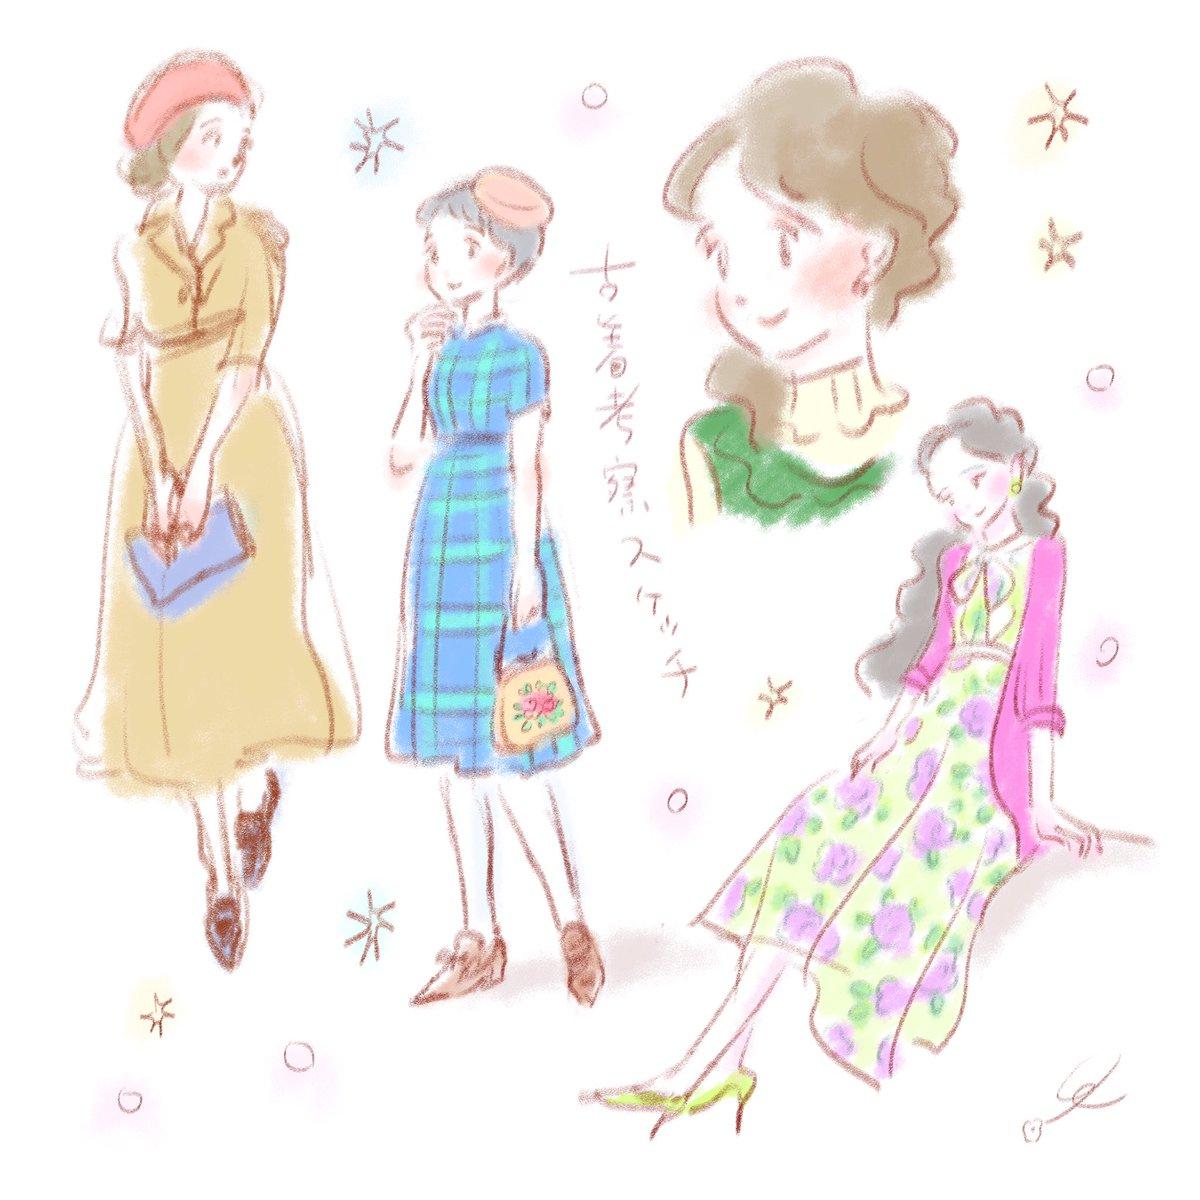 児玉恵理子|絵描き魔女|コミティアありがとうございました on twitter